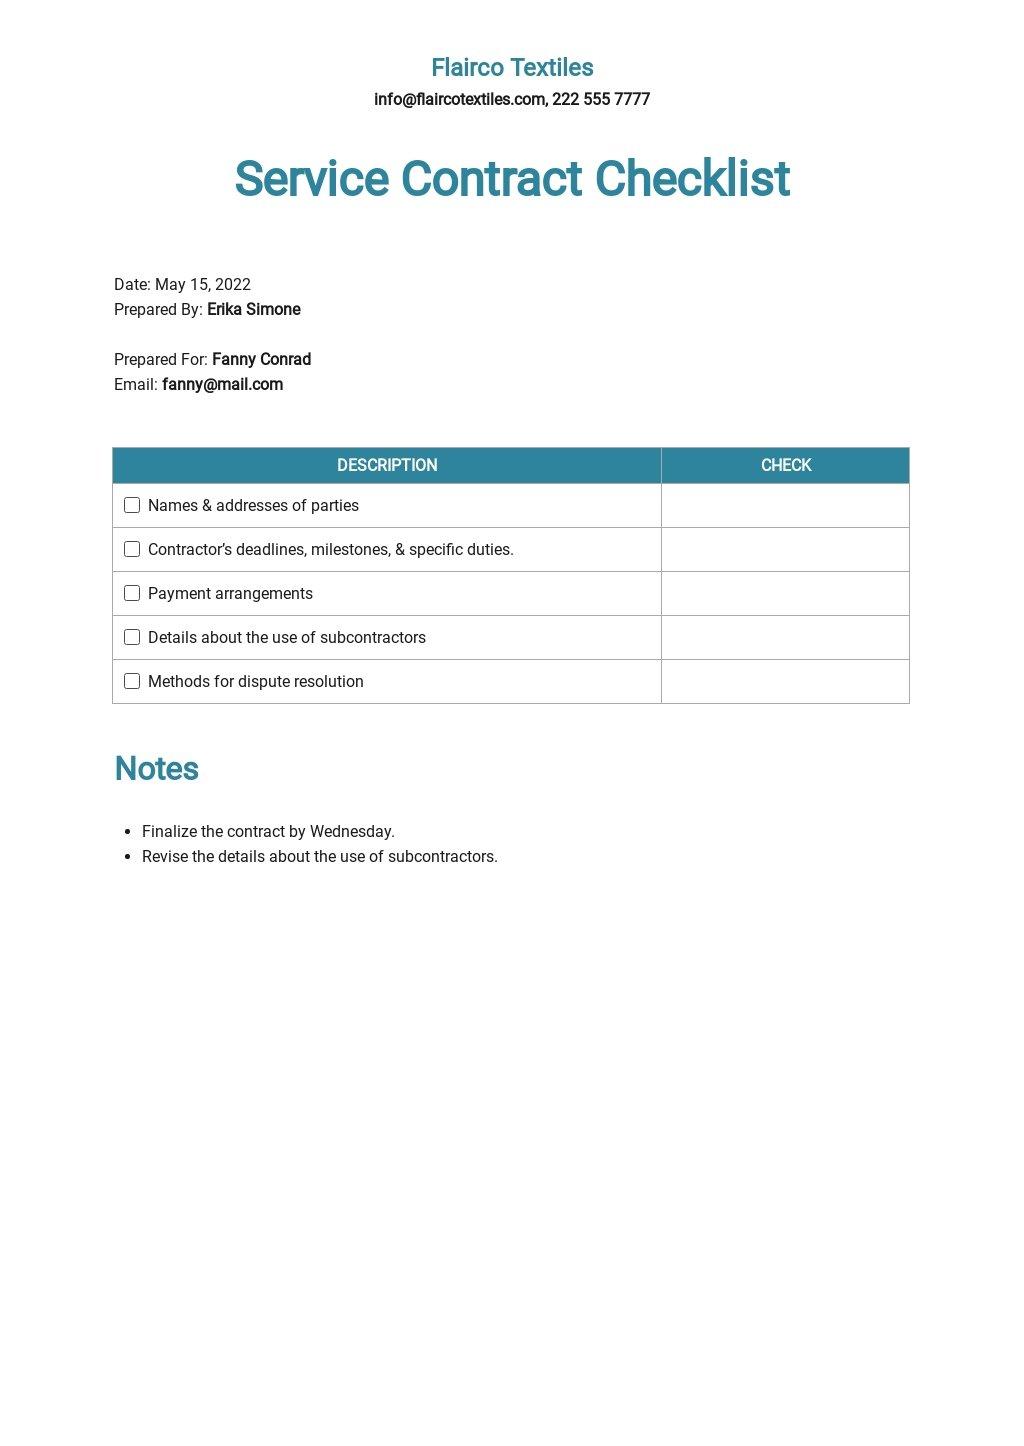 Service Contract Checklist Template